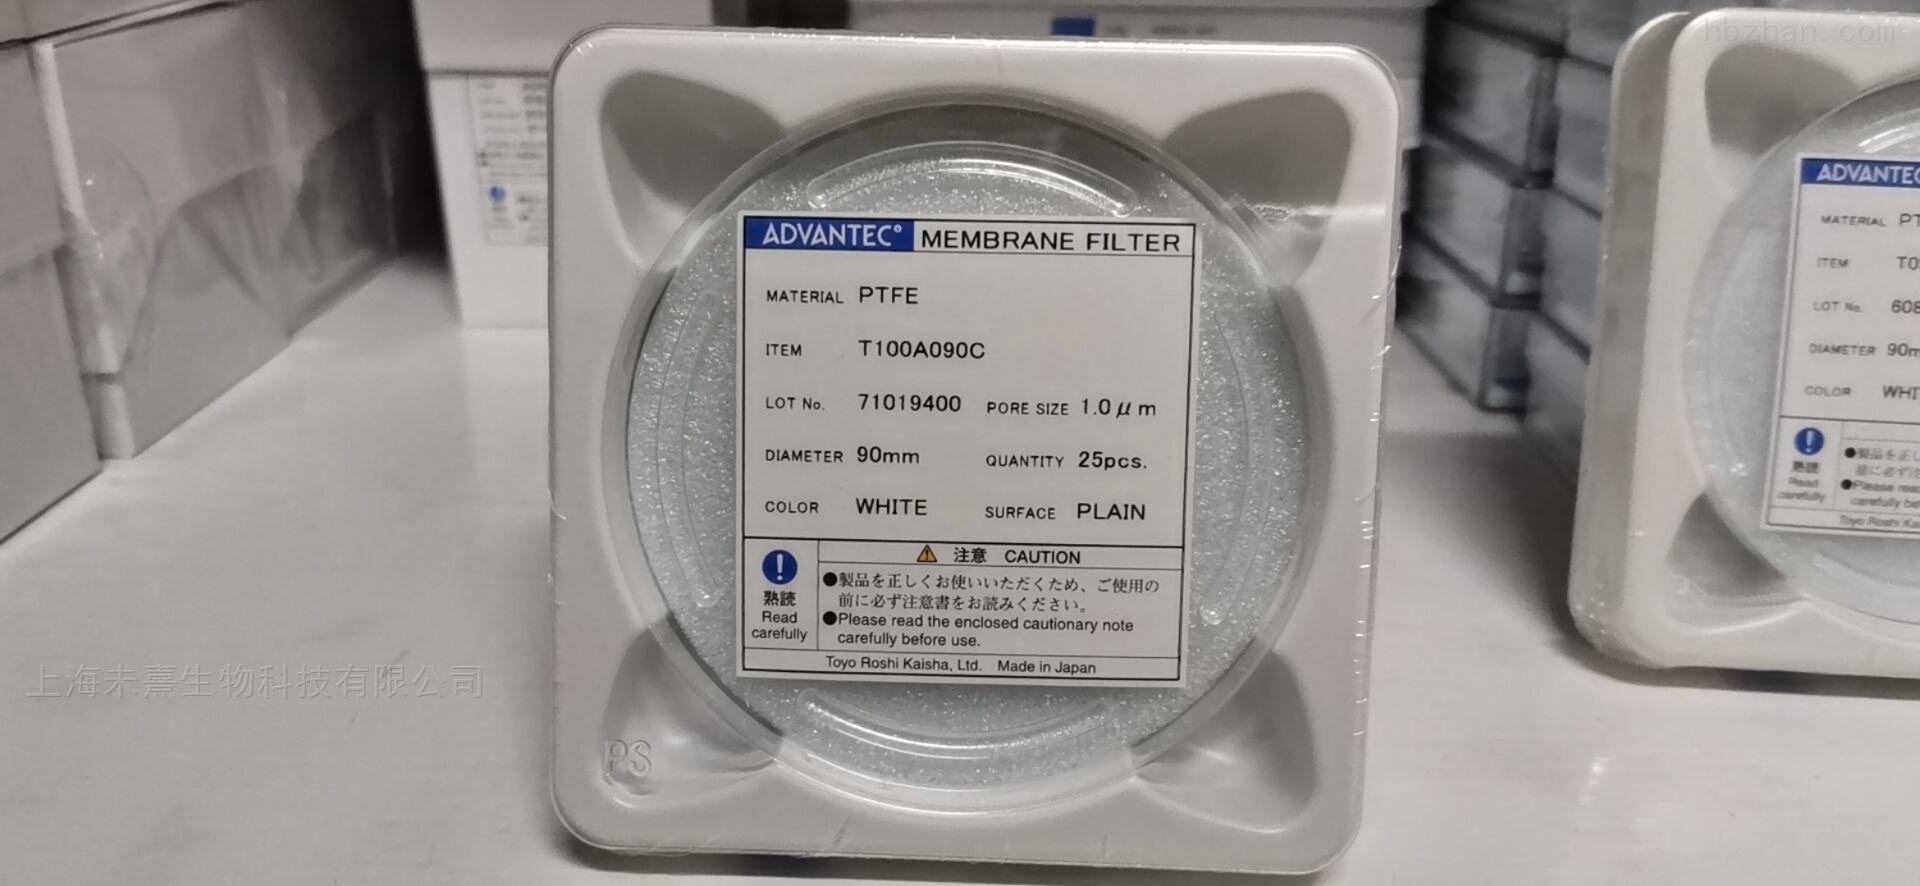 日本Advantec聚四氟乙烯(PTFE)疏水性滤膜